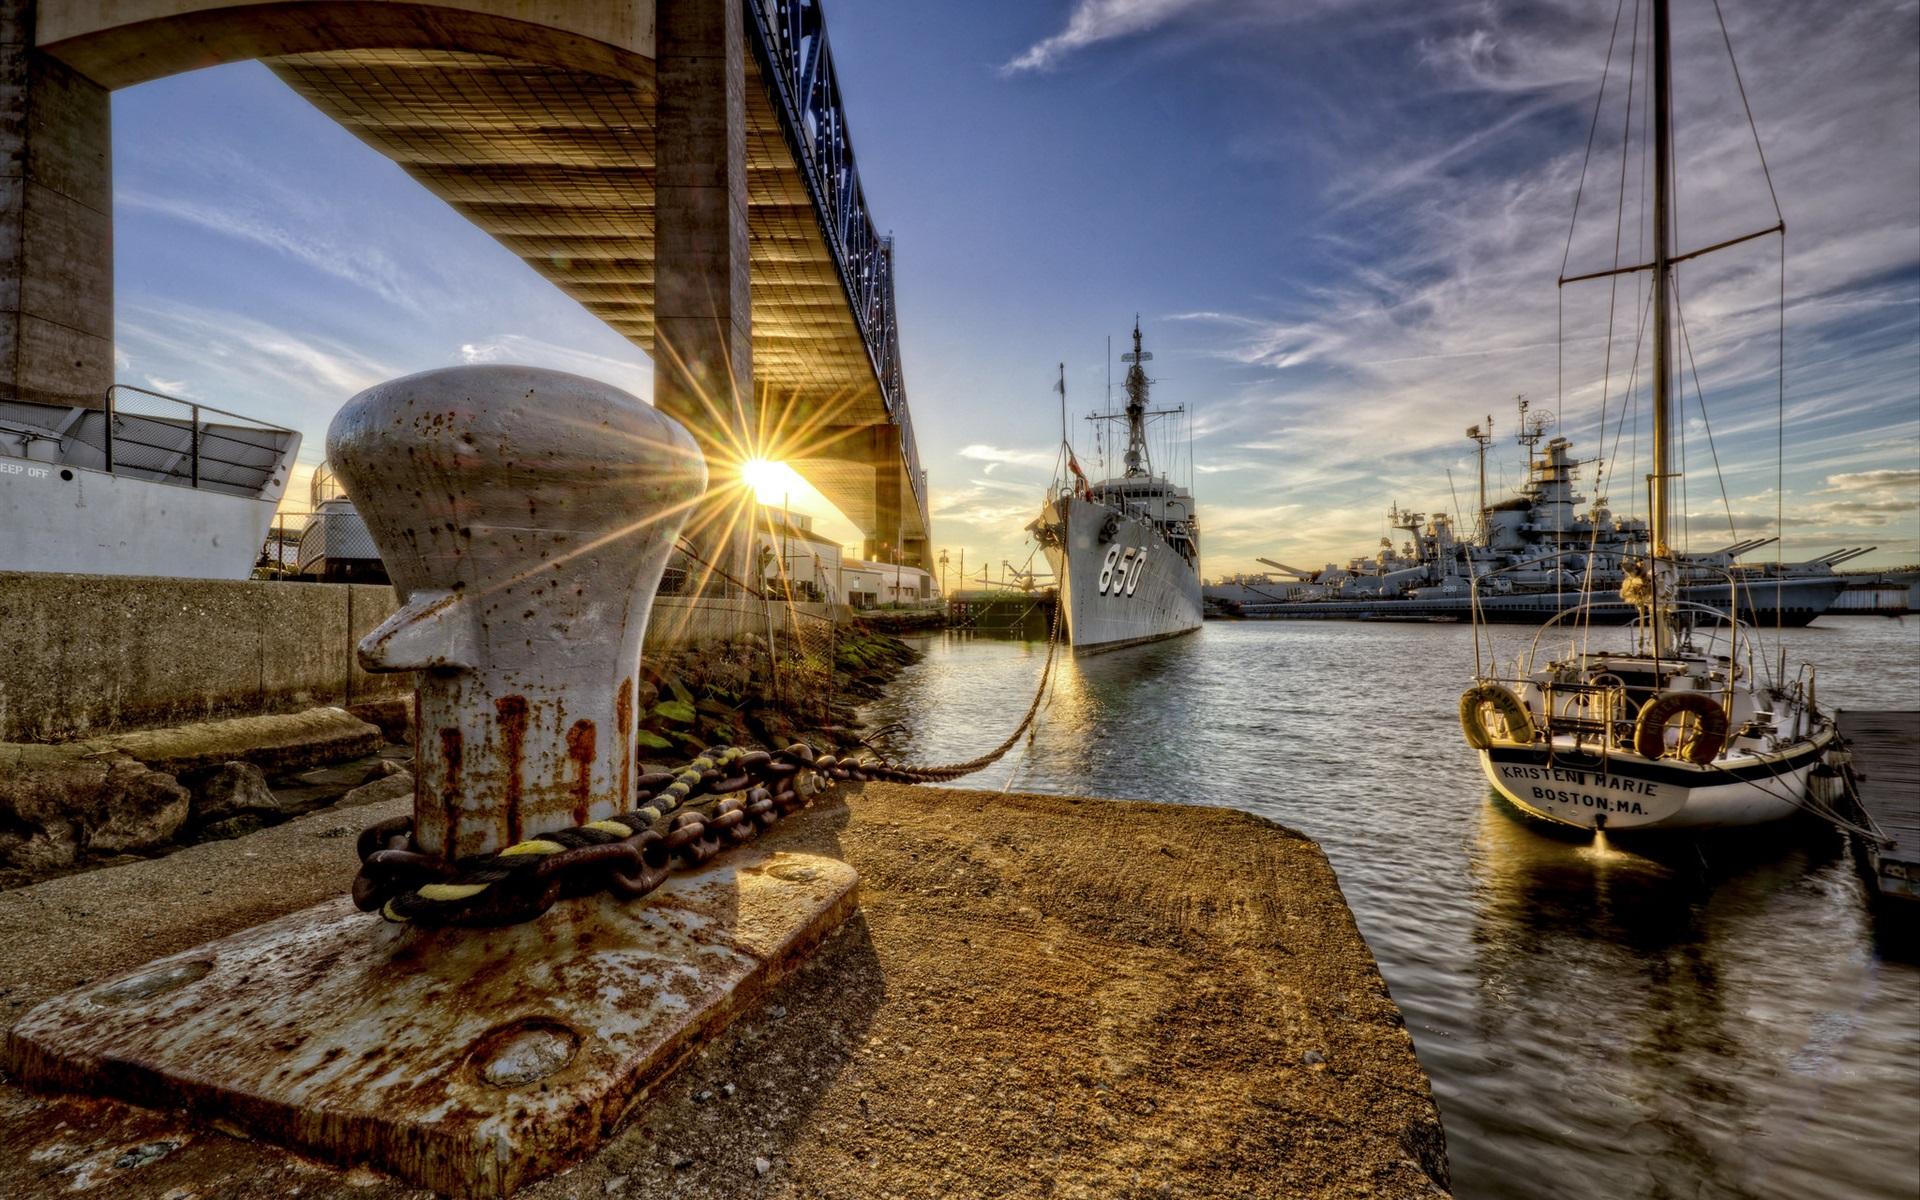 постоянно картинки мосты и корабли девочки